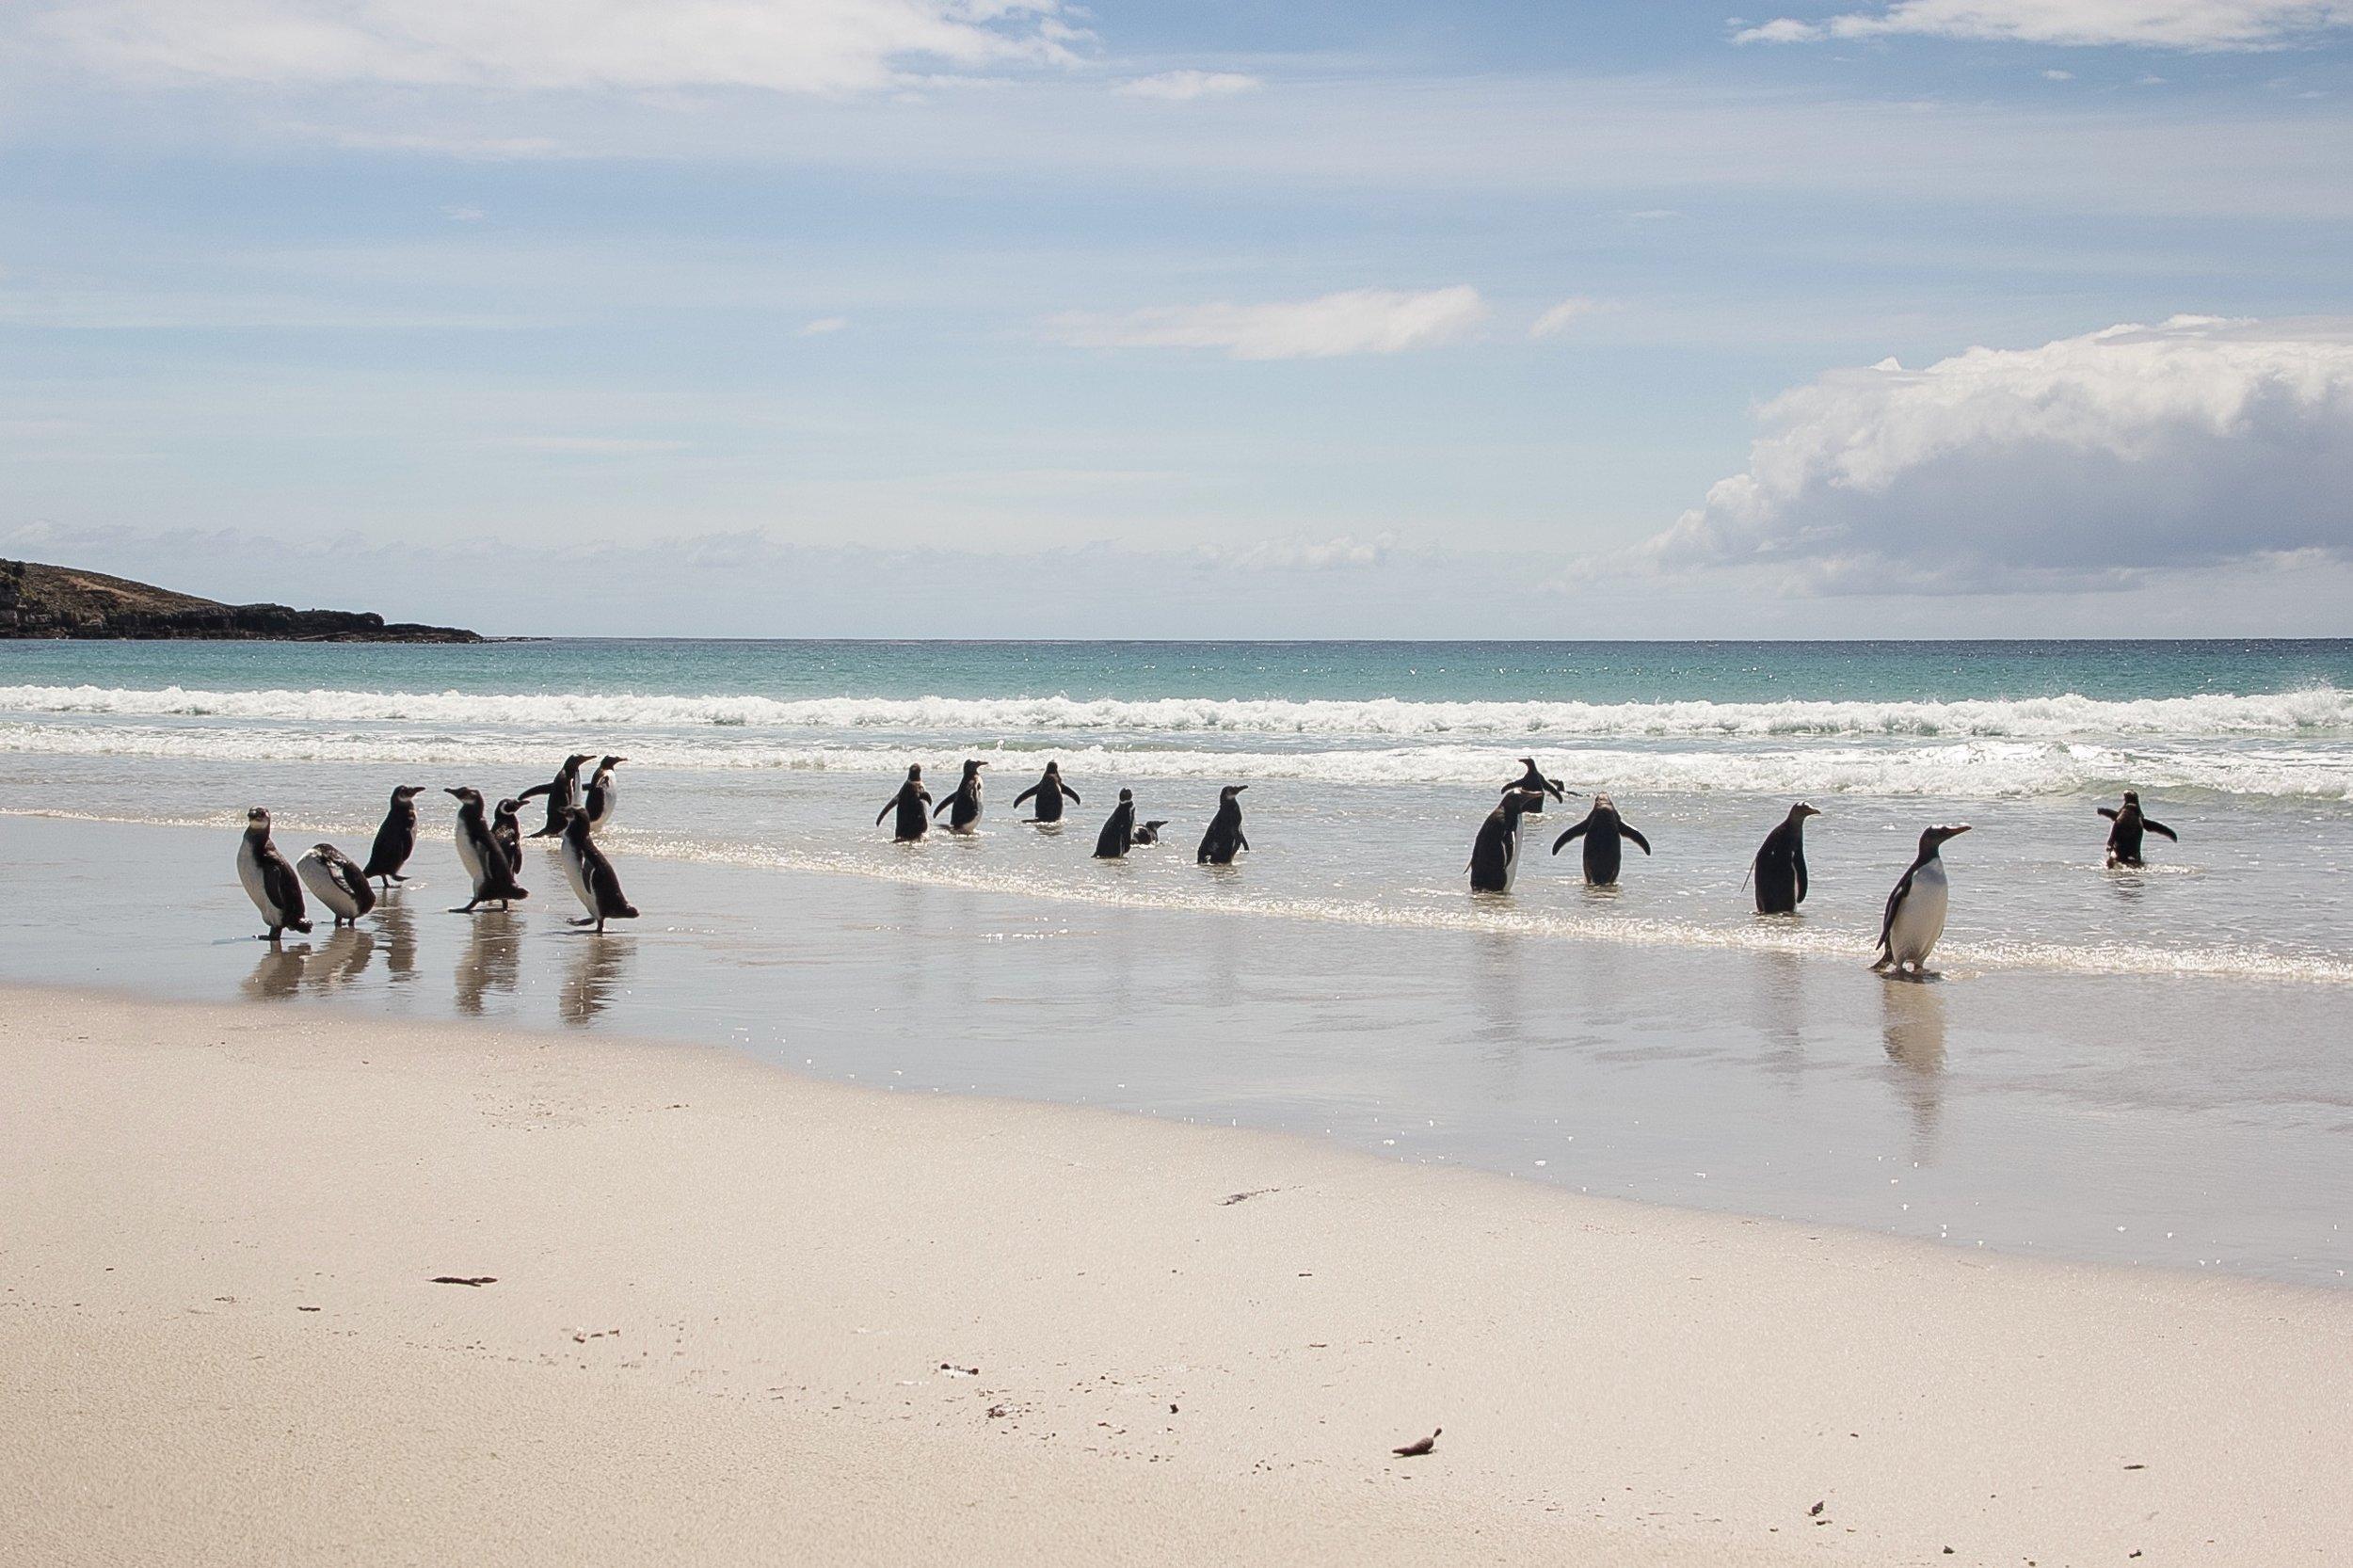 Stanley_North Pond Penguins_-22.jpg